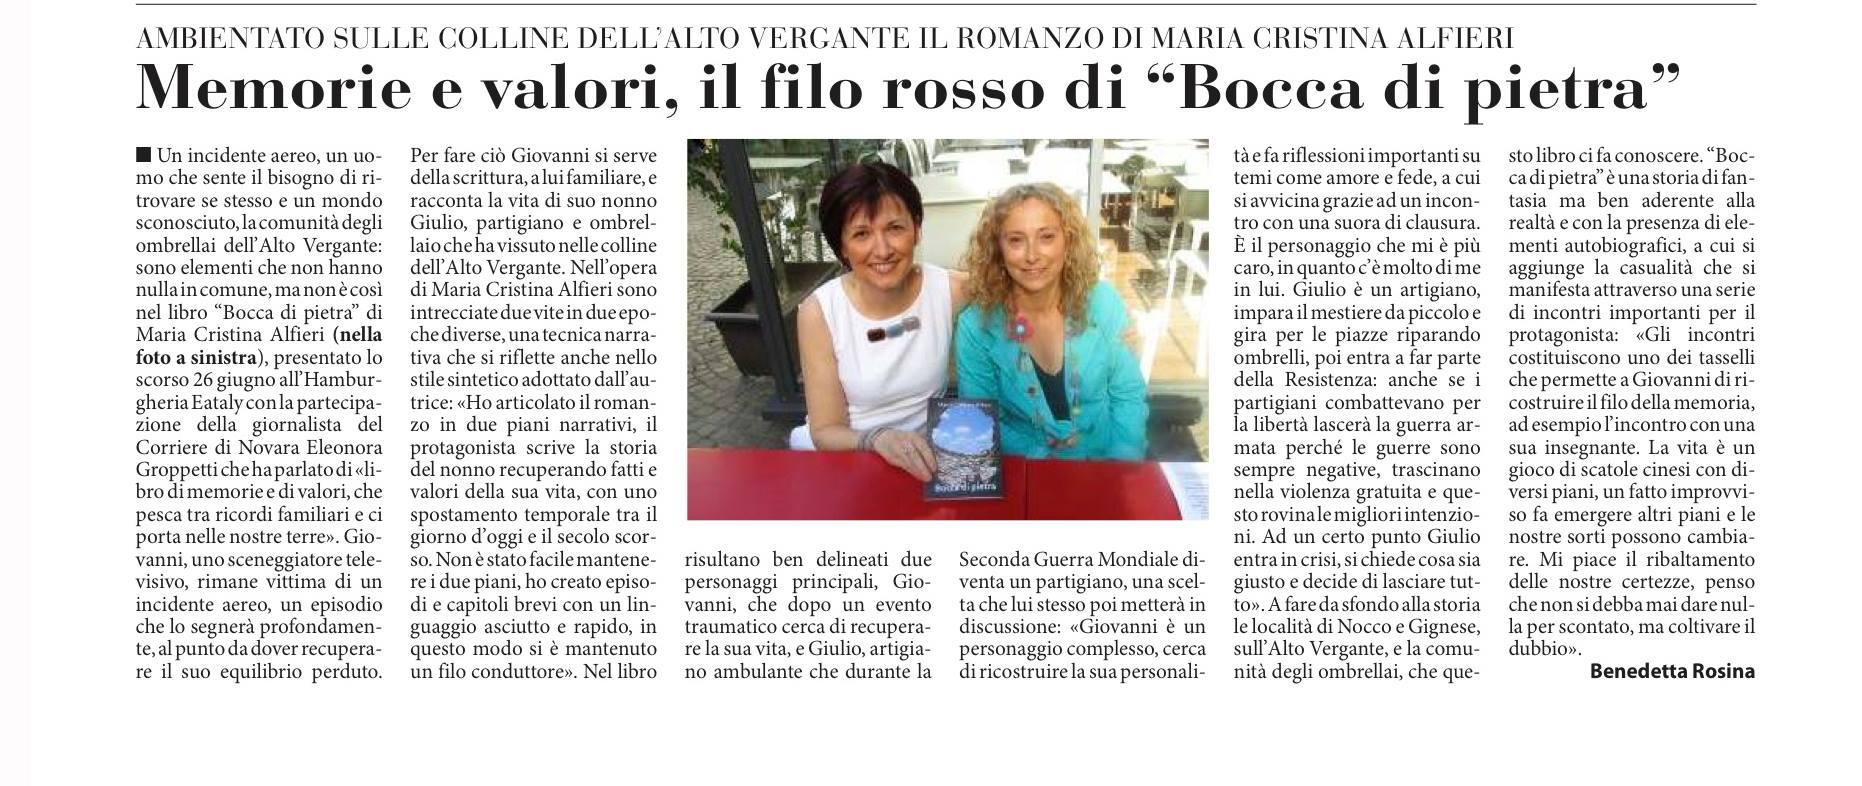 Corriere di Novara 11 luglio 2015